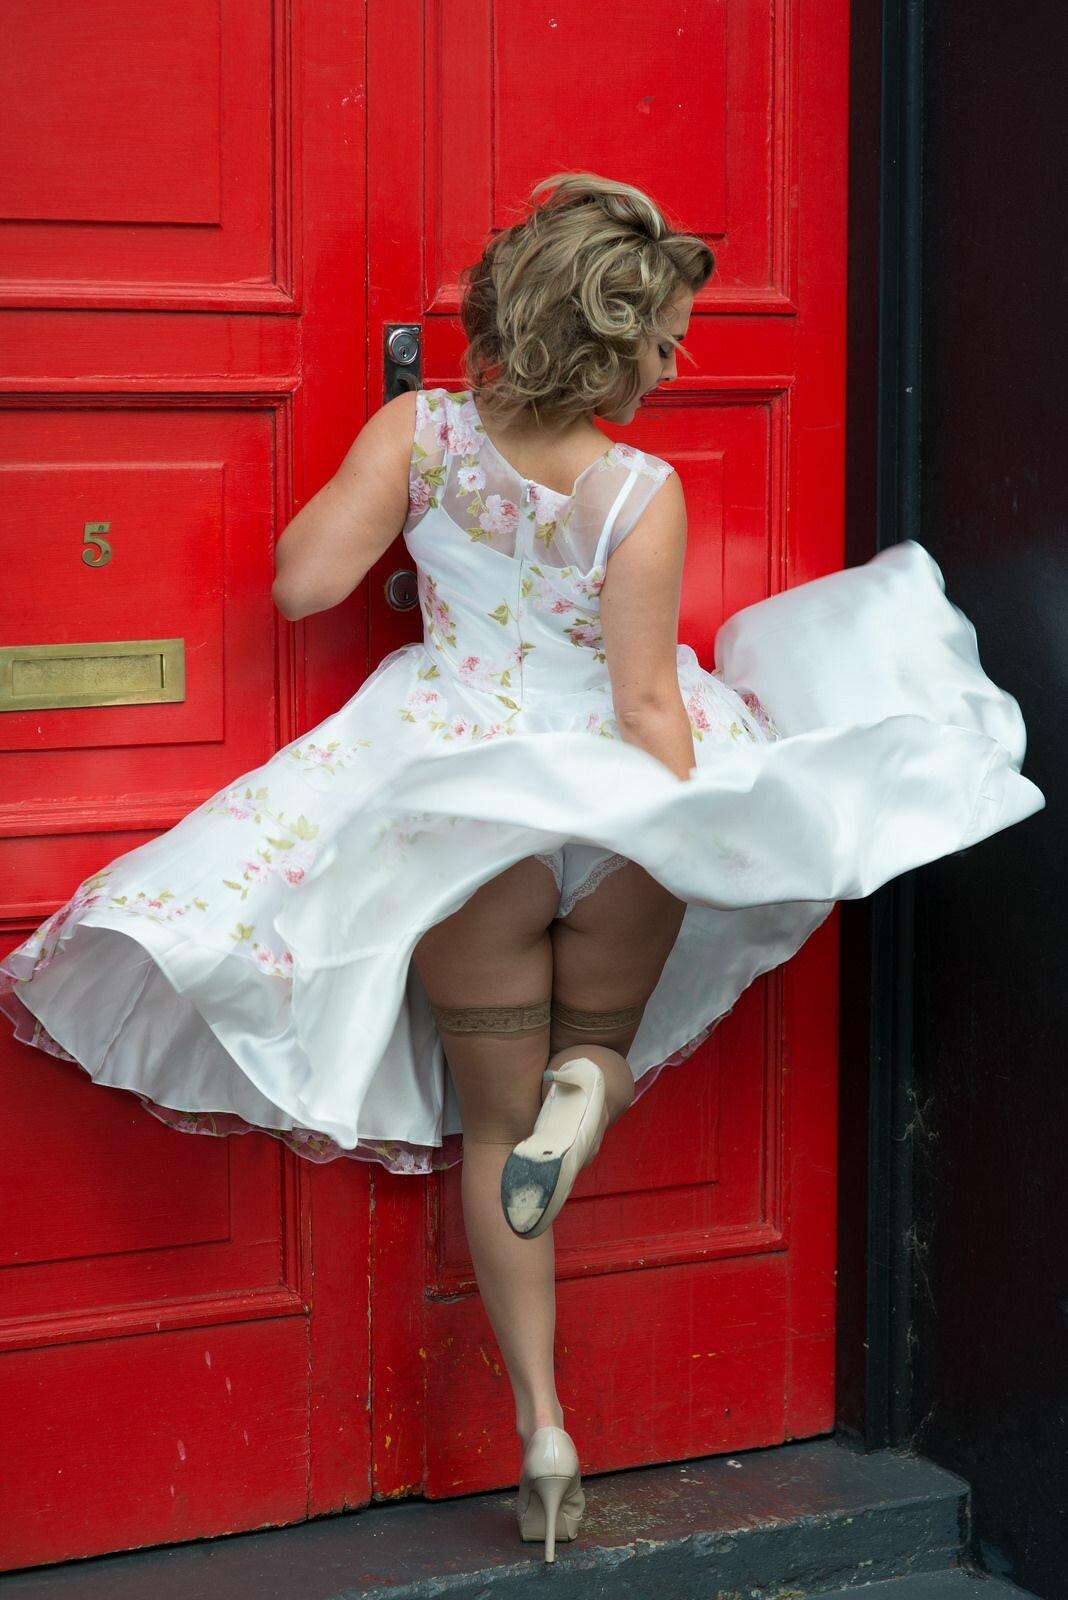 женщина подняла юбку - 6